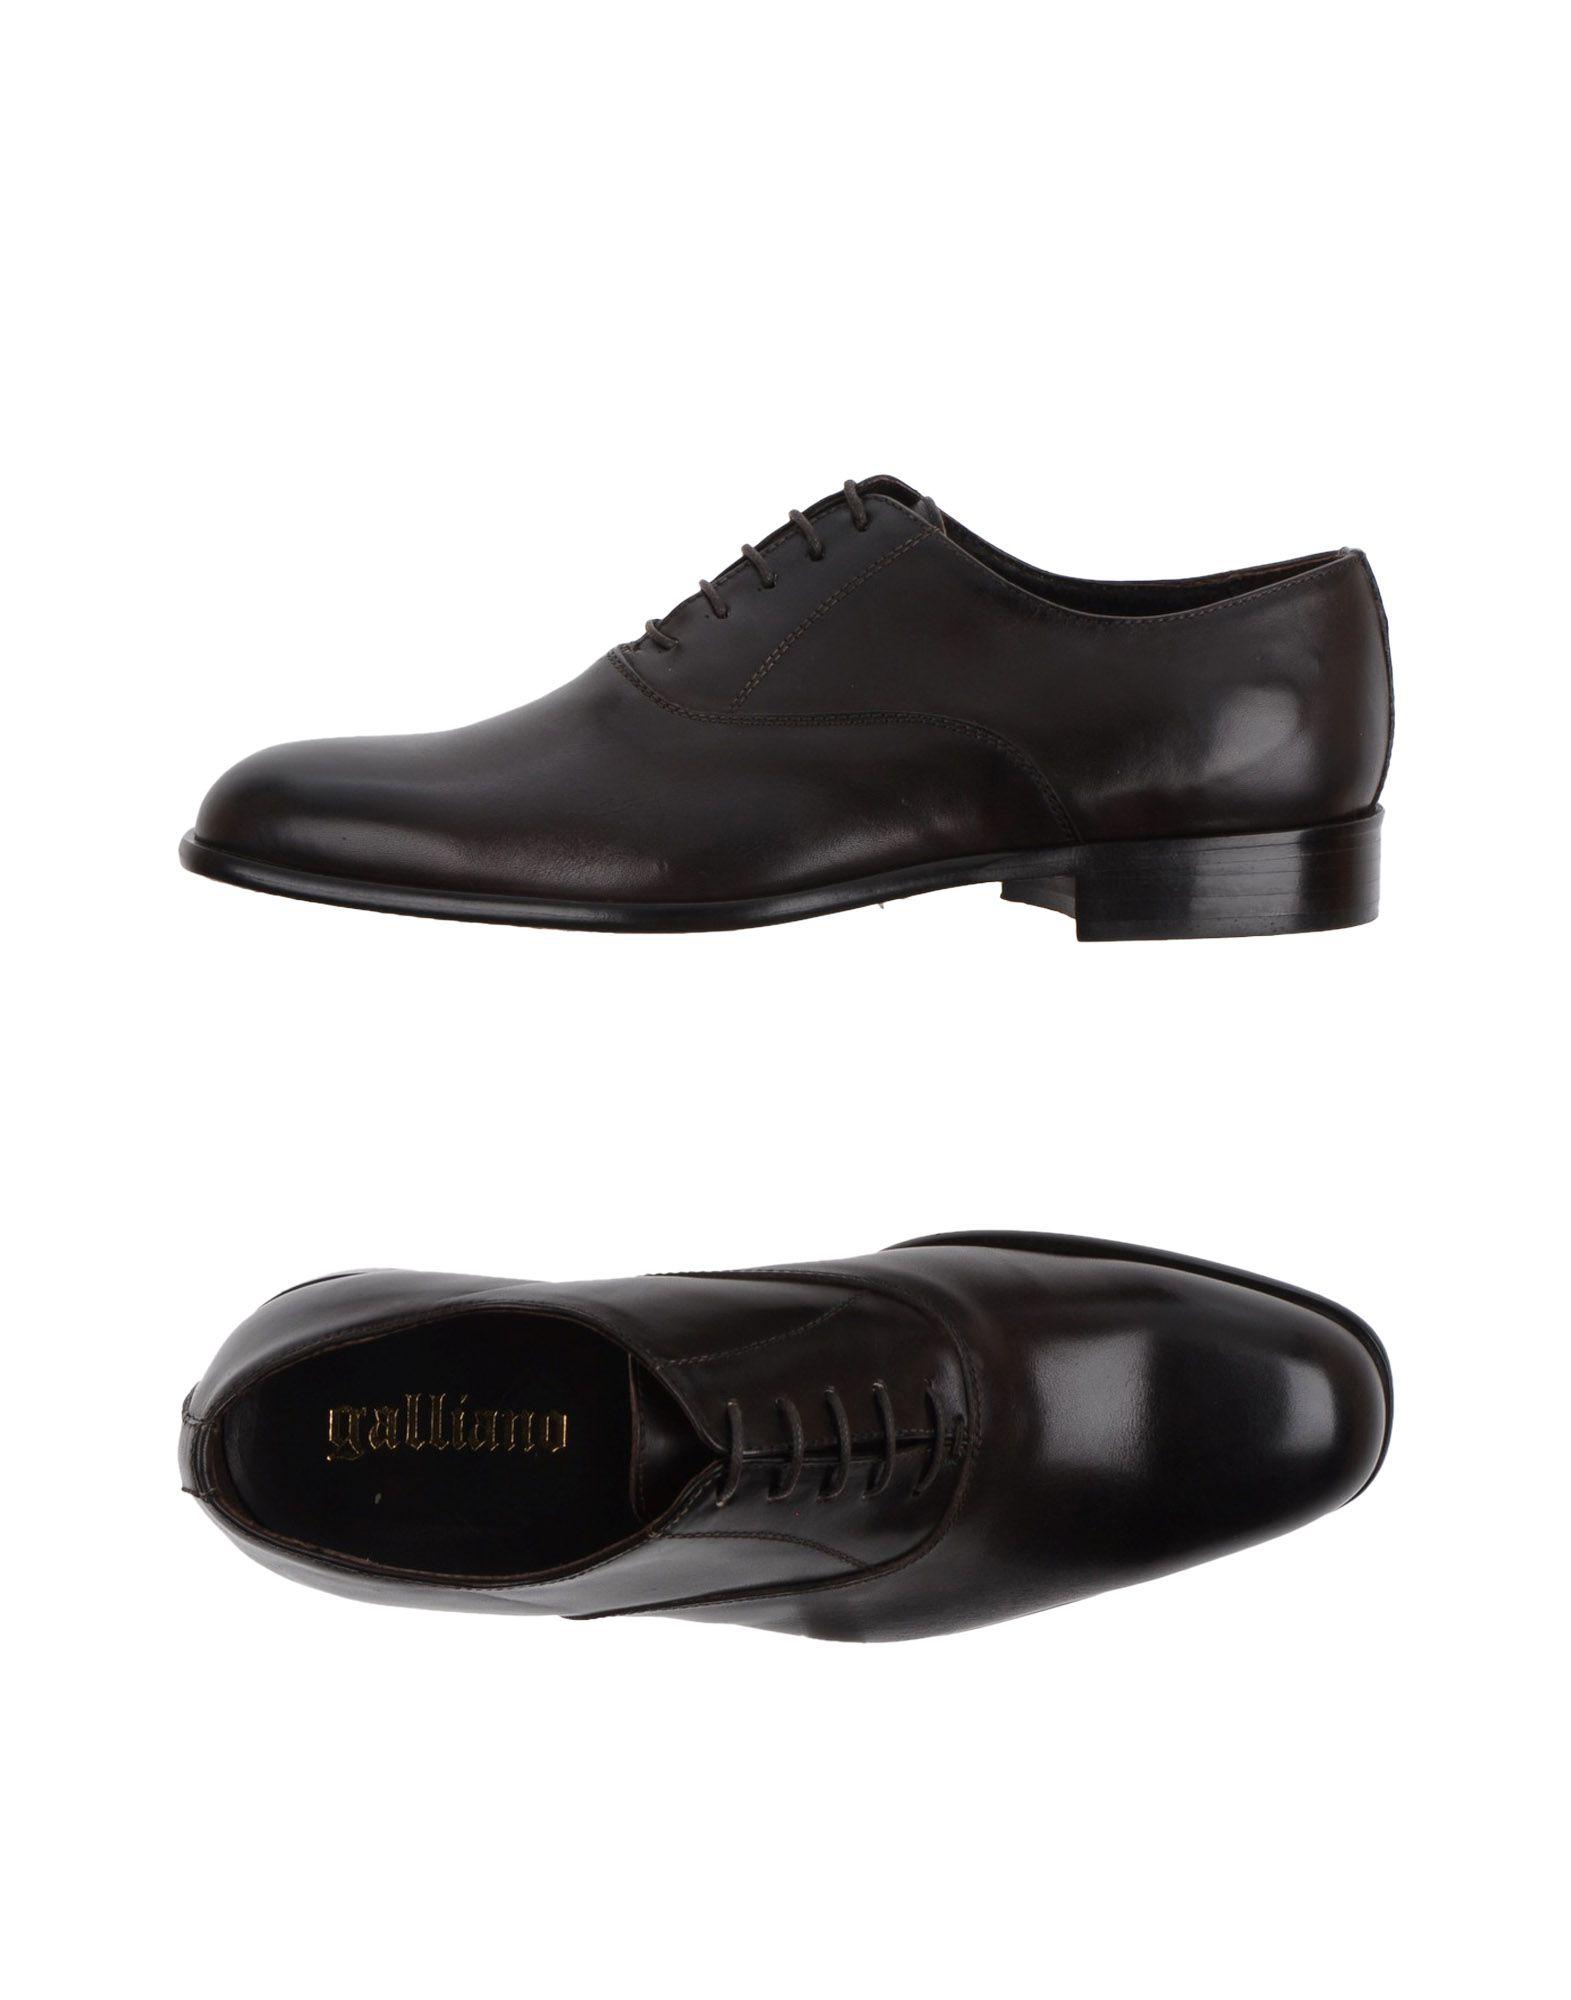 Rabatt echte Schuhe Galliano Schnürschuhe Herren Herren Schnürschuhe  11357957QG 23280f